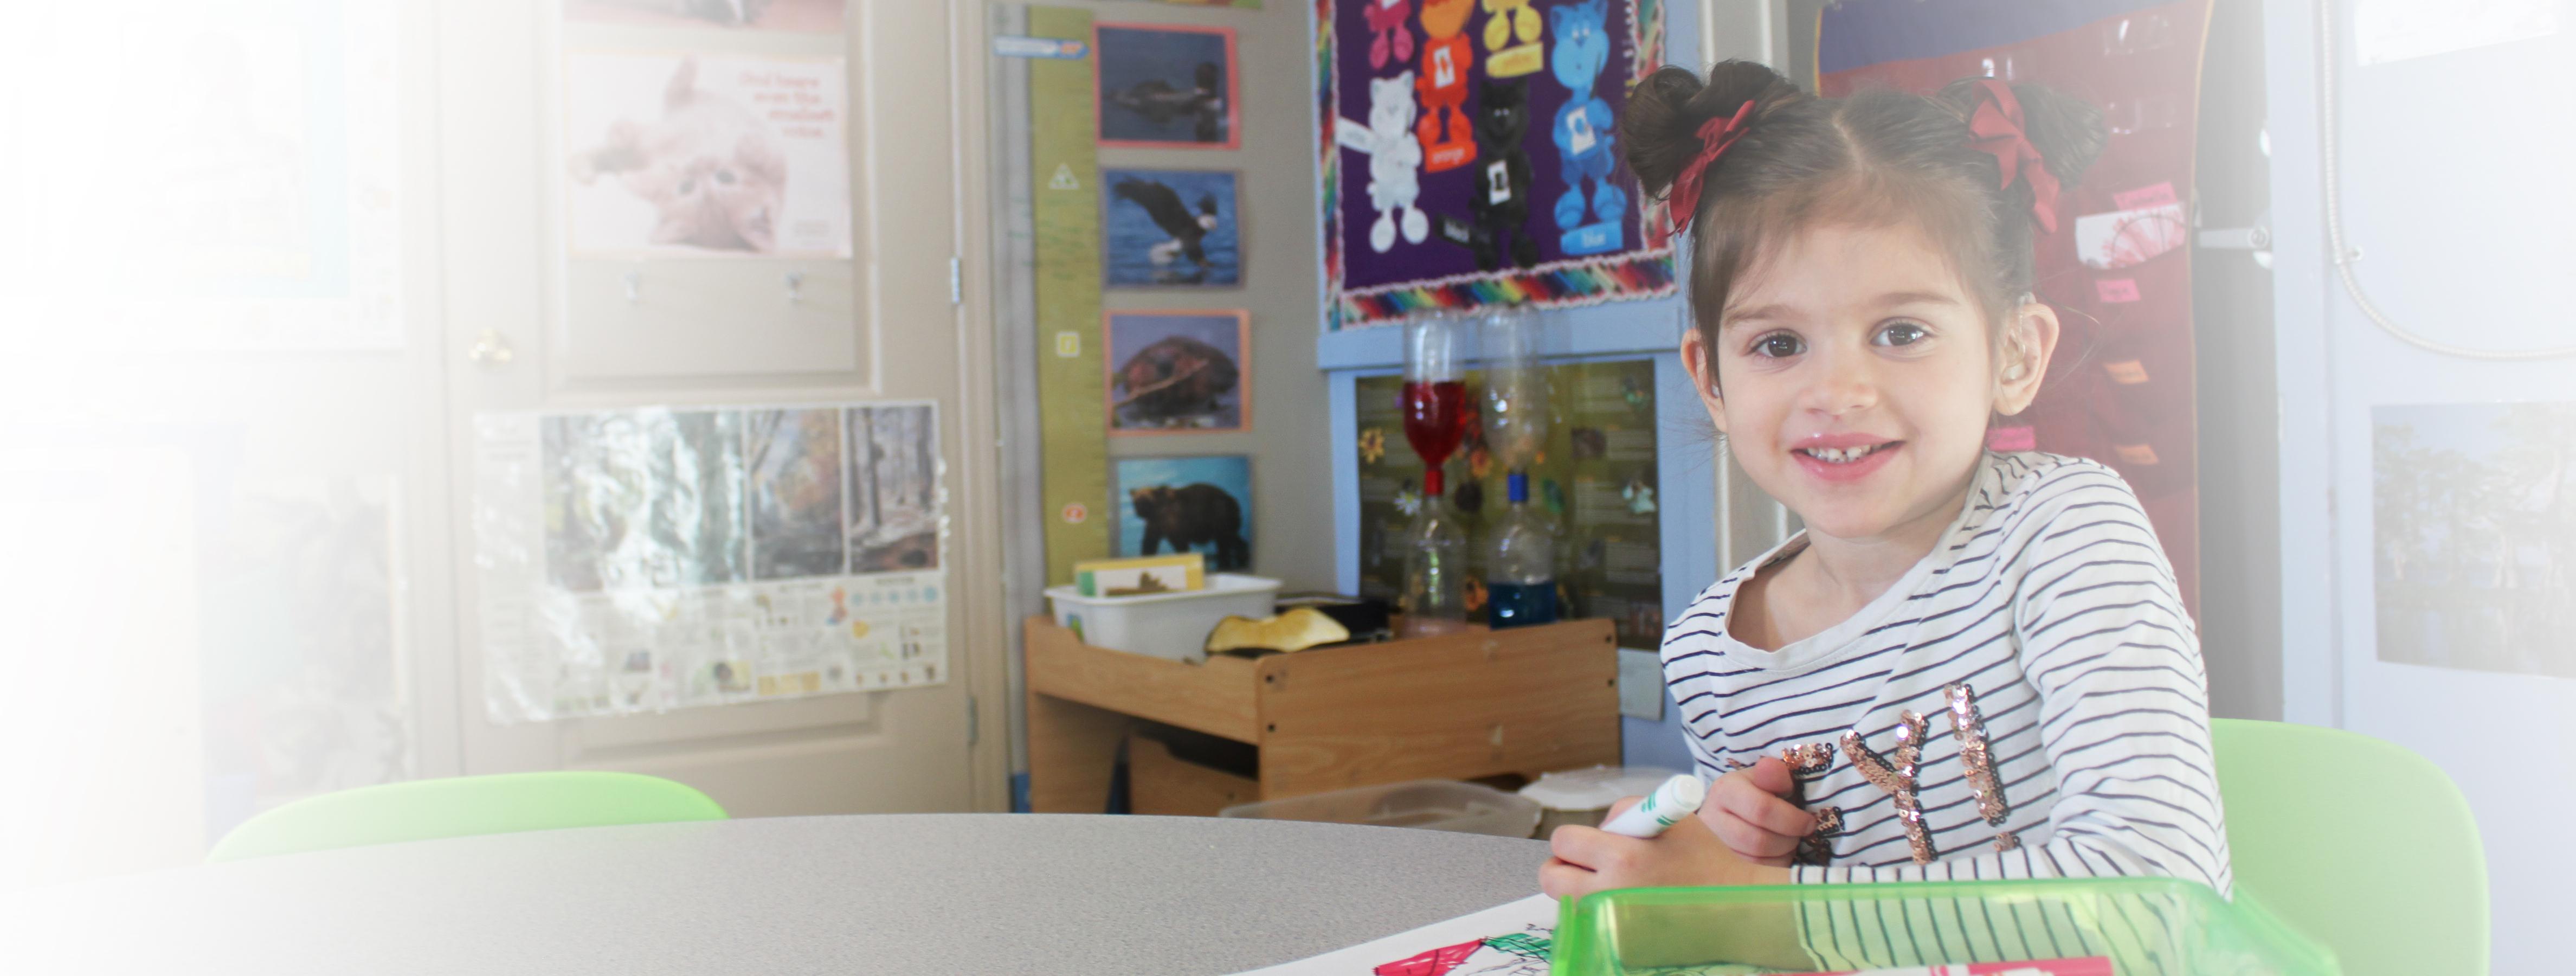 KCS_Elementary2